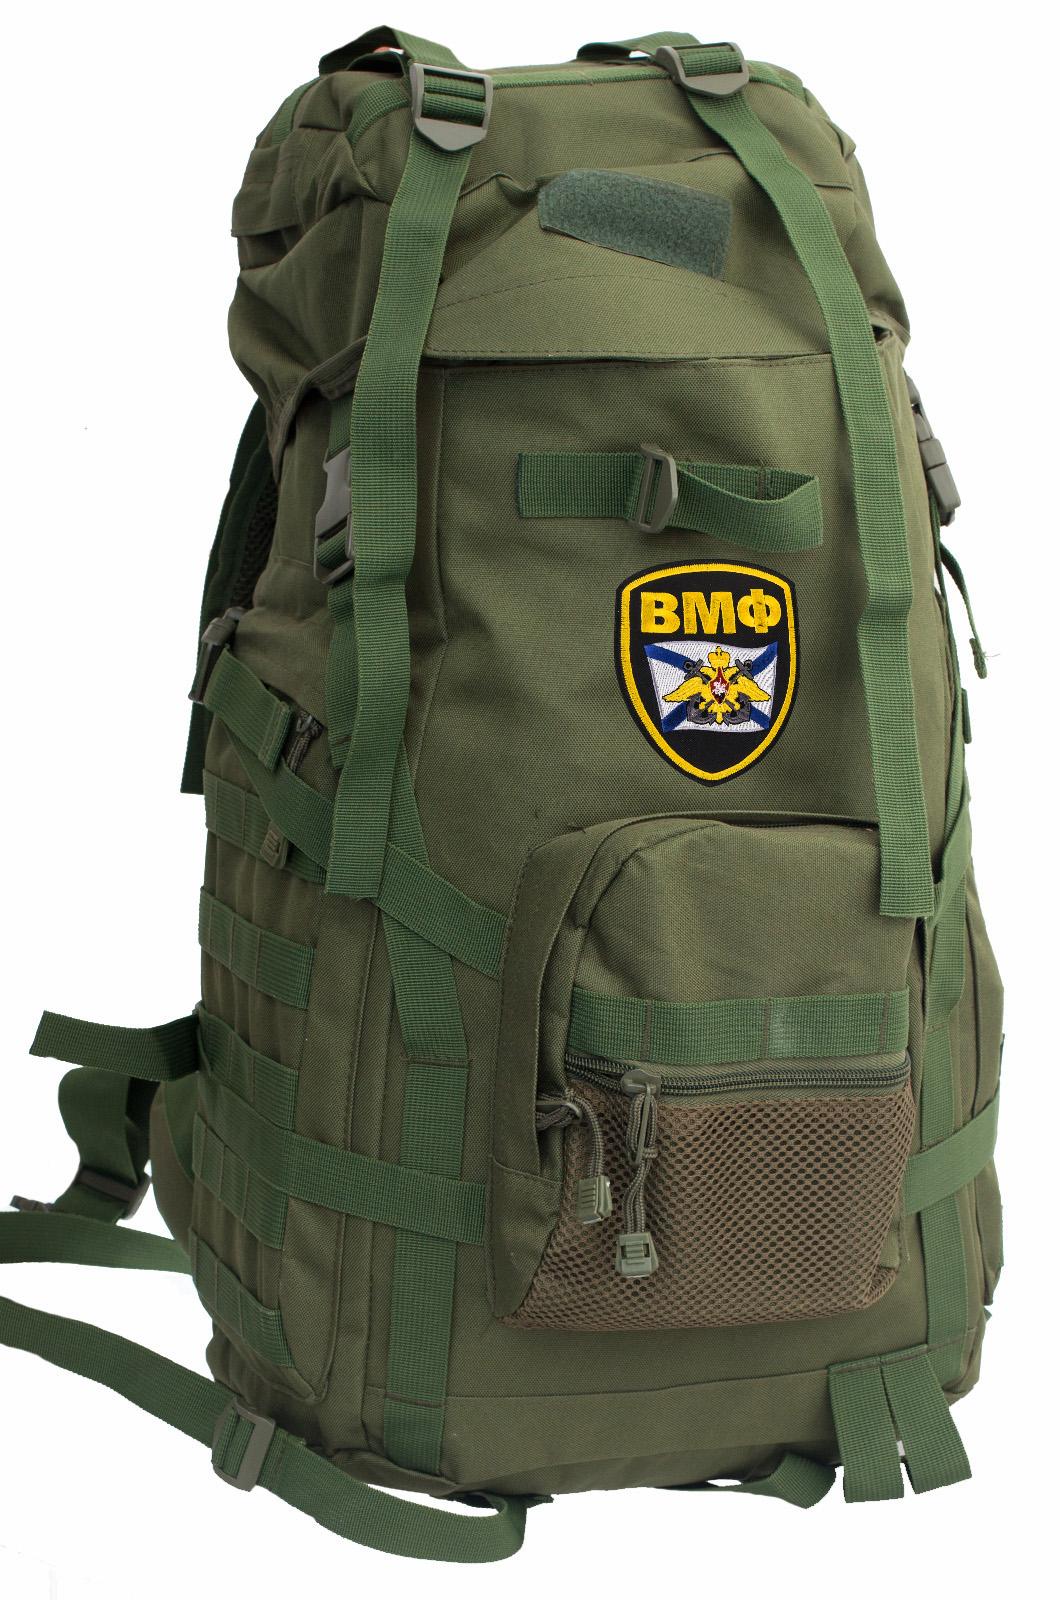 Мужской рейдовый рюкзак с нашивкой ВМФ - купить в розницу